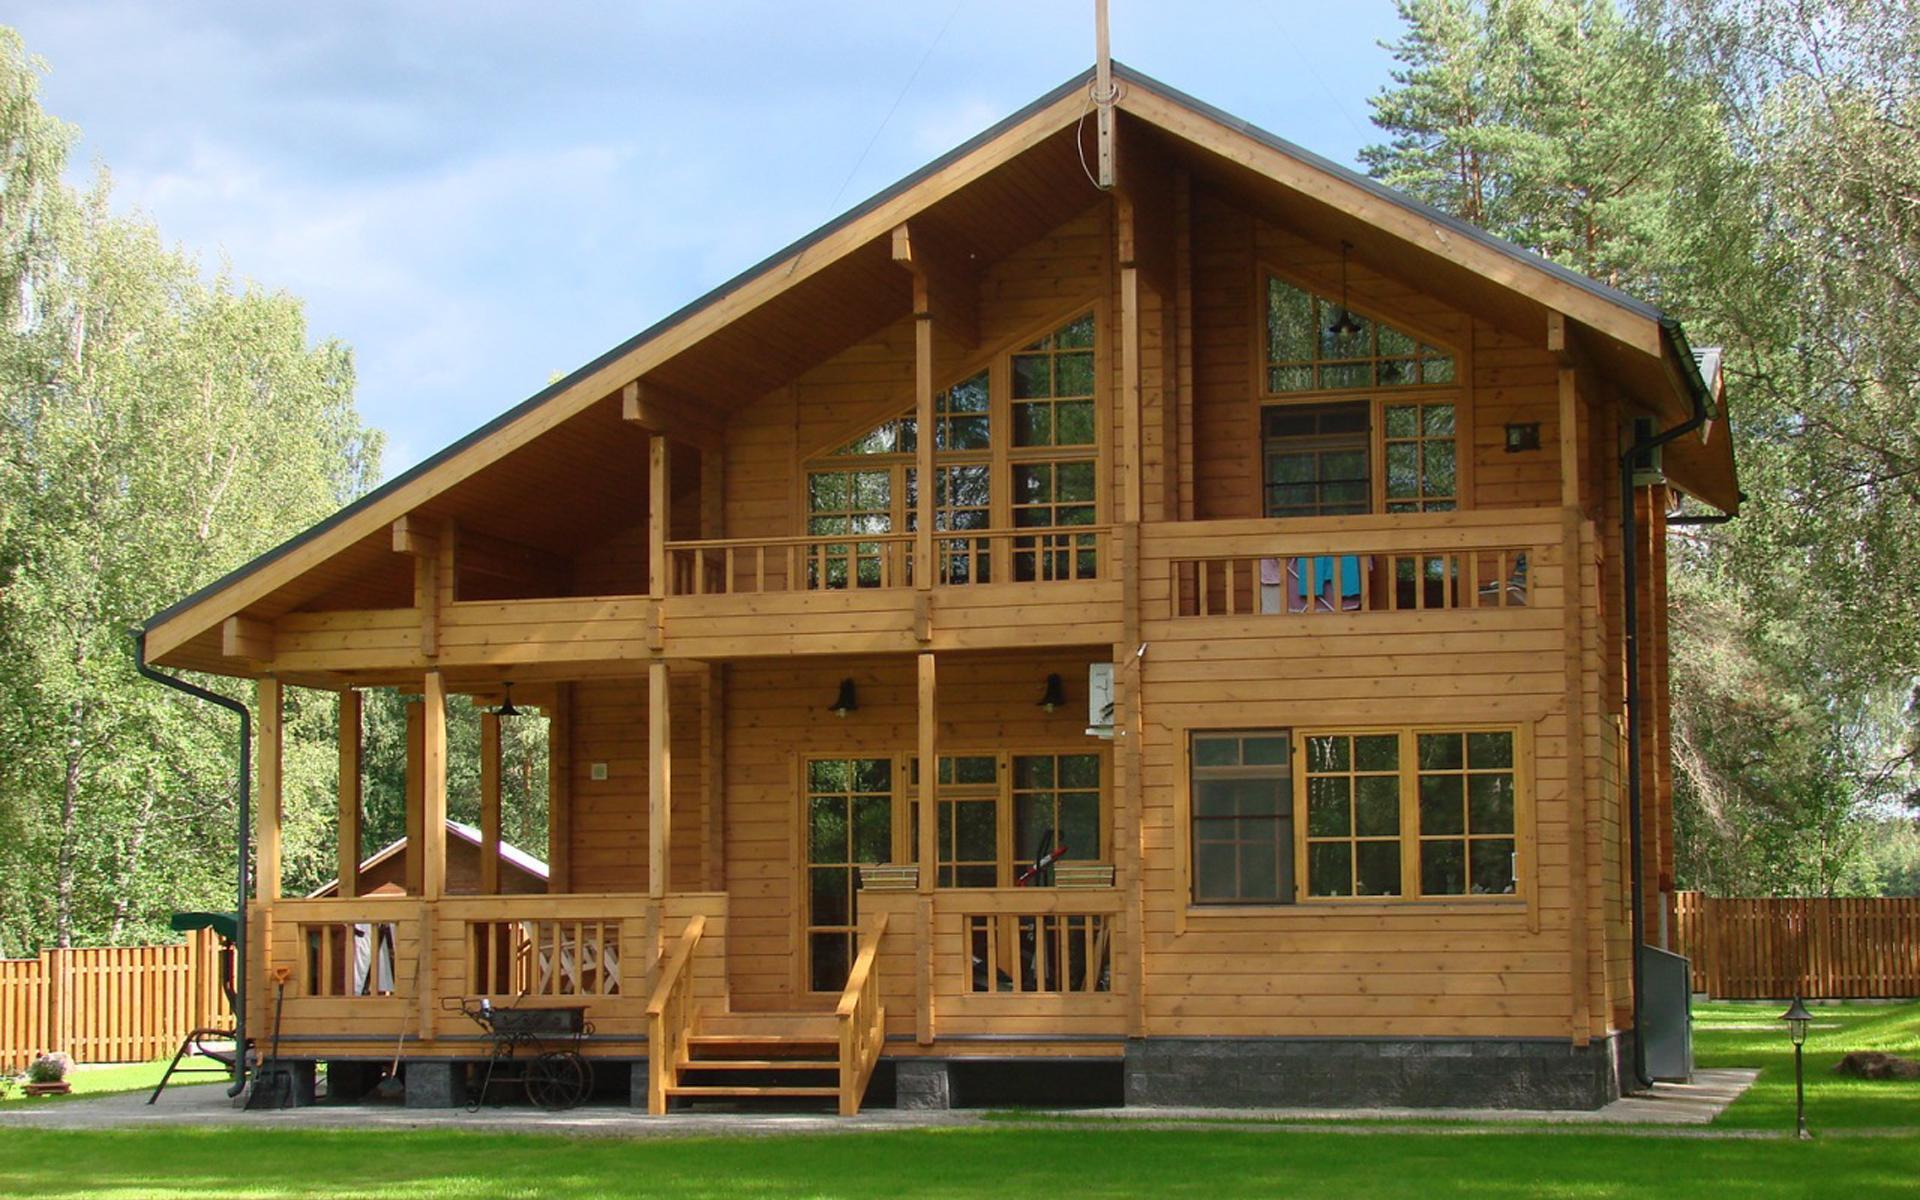 старших классах дом деревянный двухэтажный с террасой фото этой